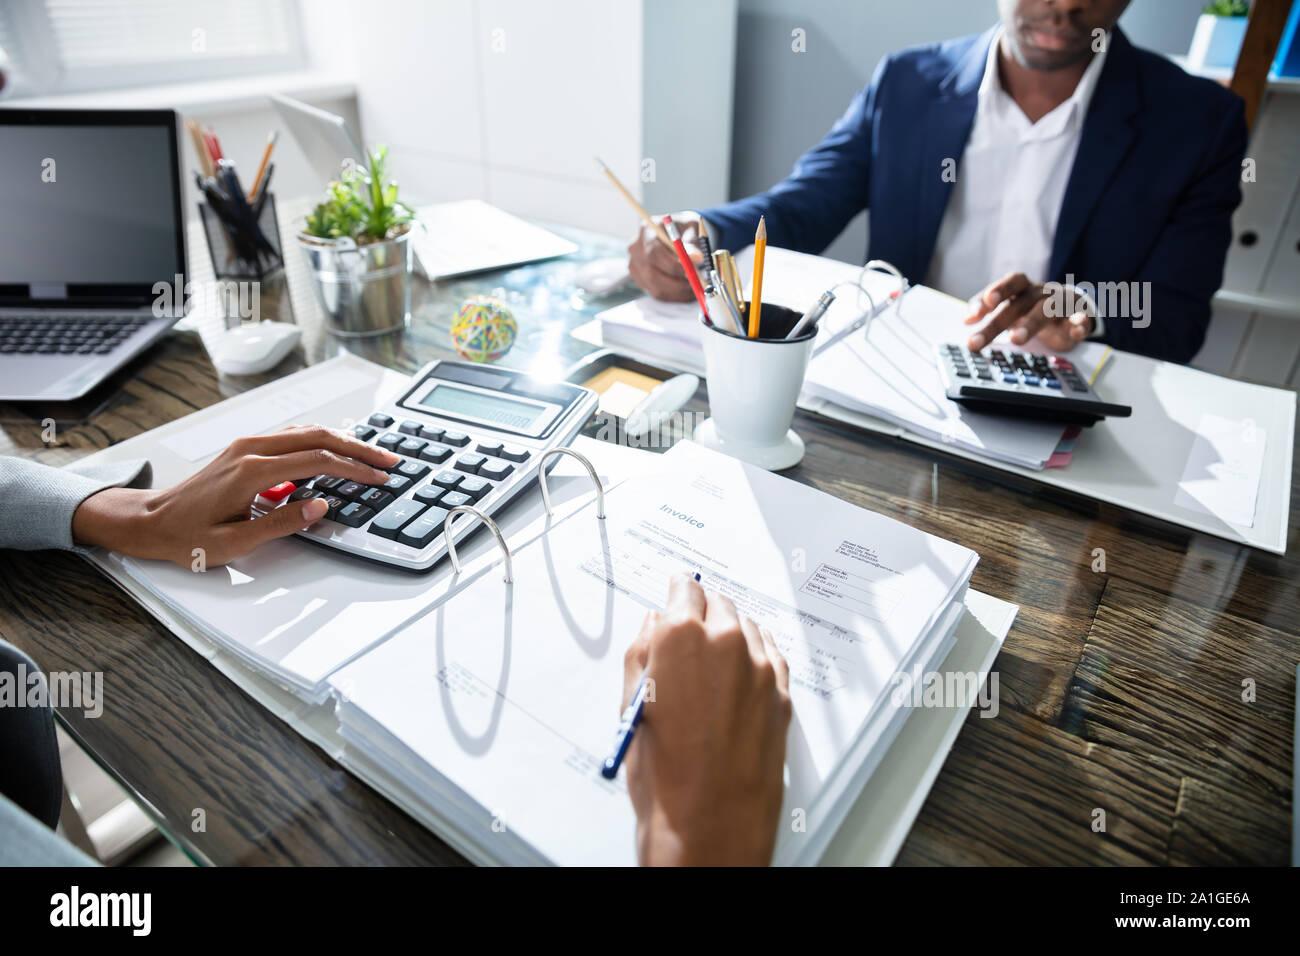 Dos compañeros de trabajo Cálculo de impuestos en la oficina Foto de stock